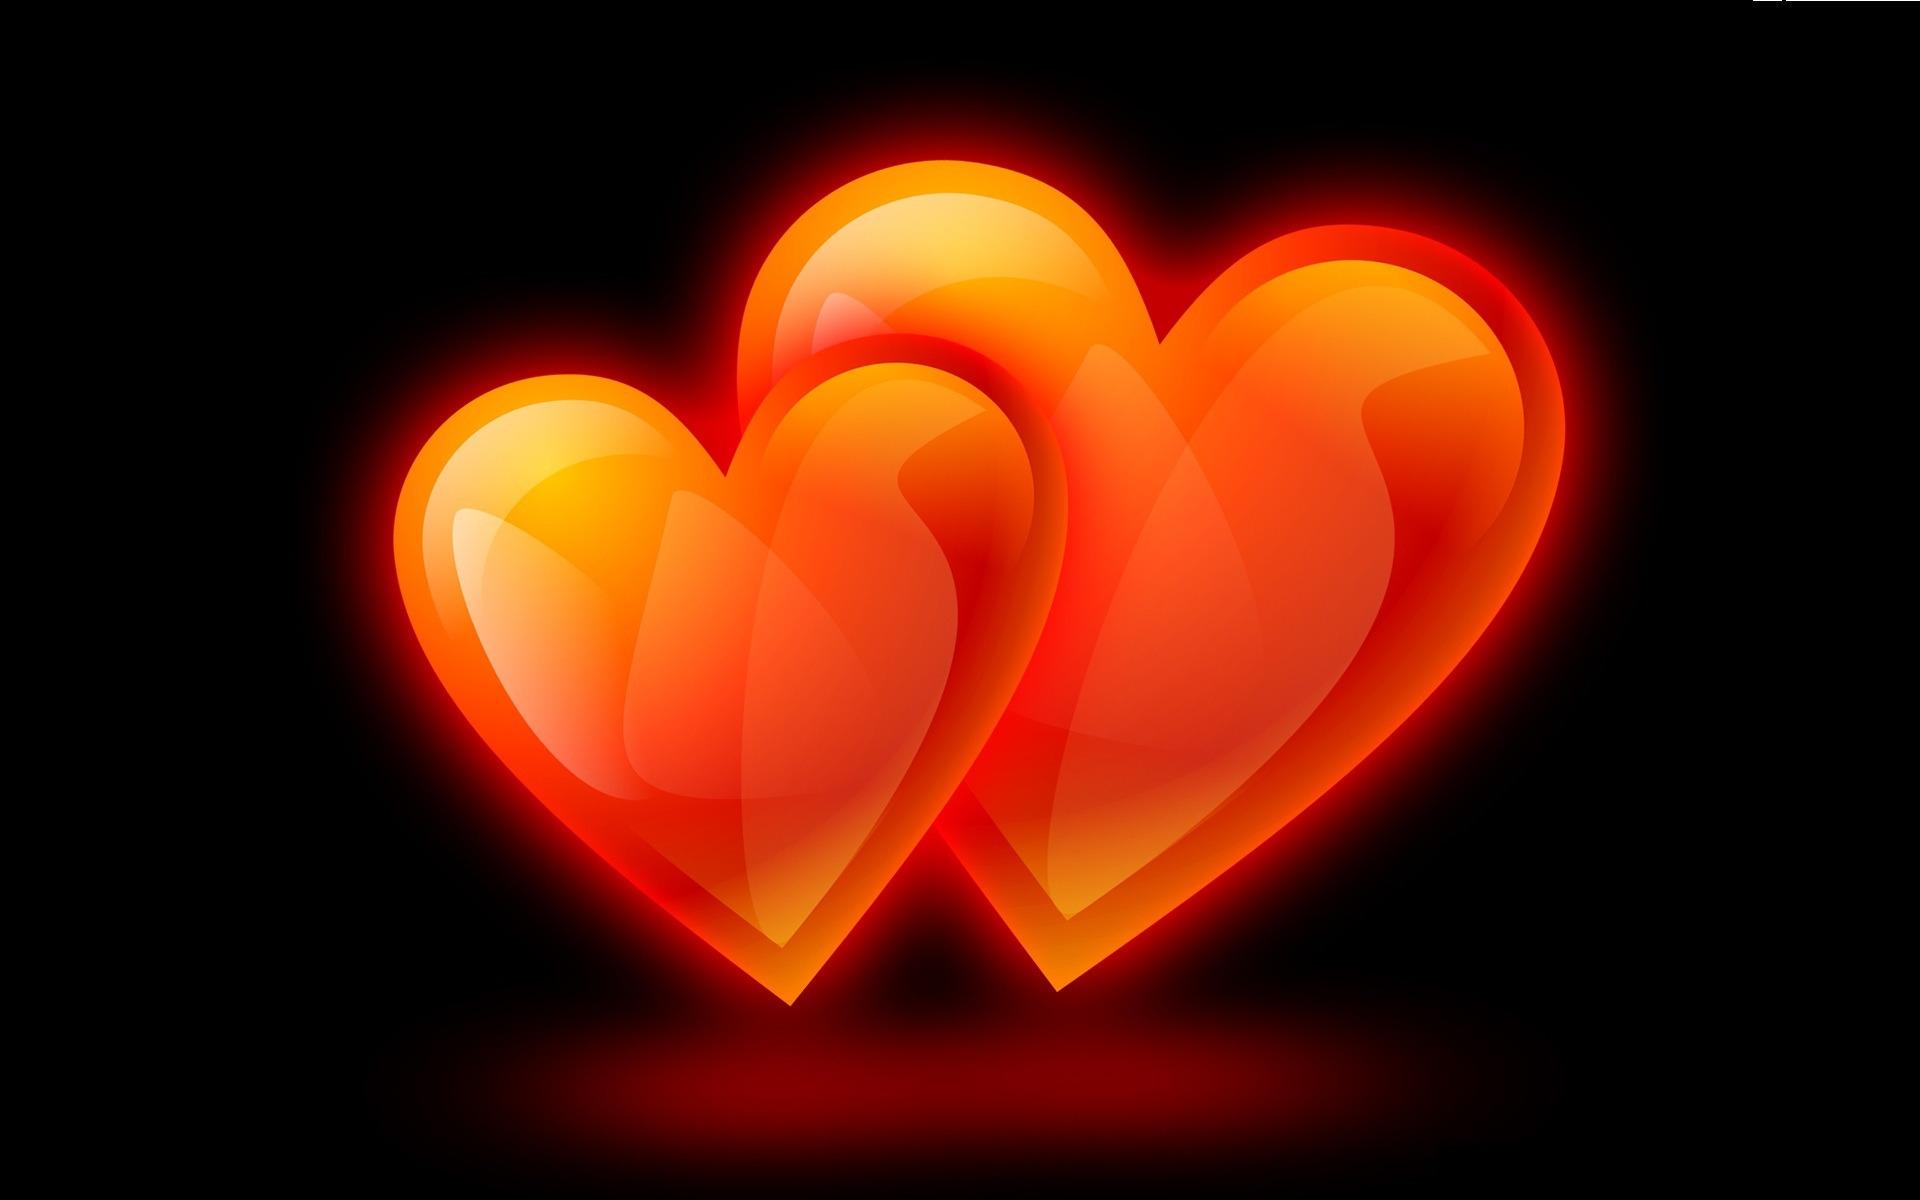 Картинки два сердца бьются вместе